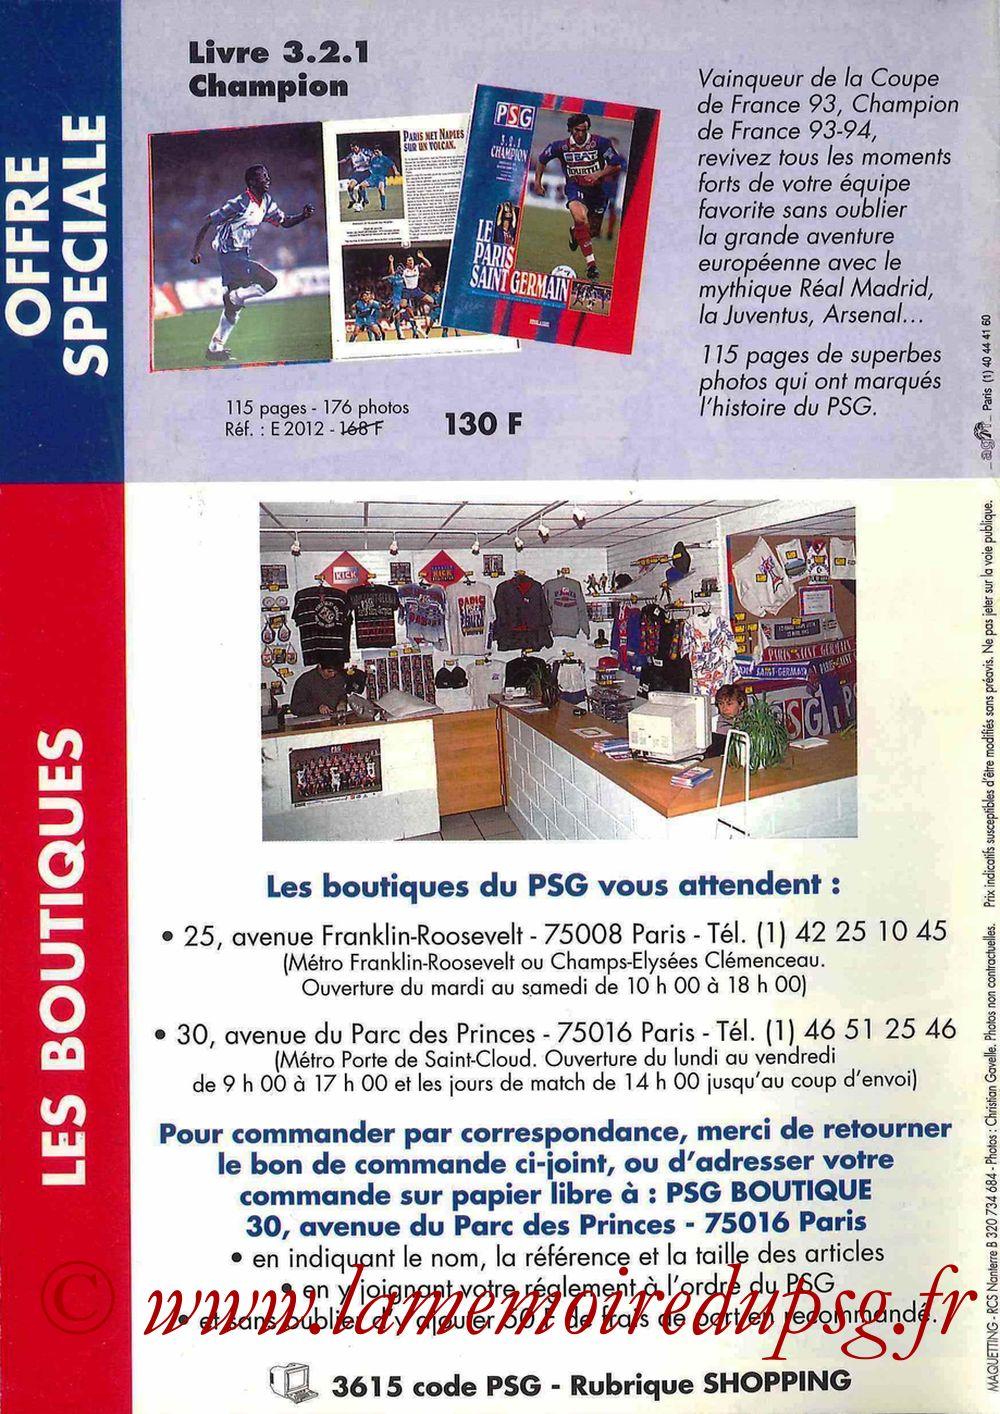 Catalogue PSG - 1994-95 - Page 12